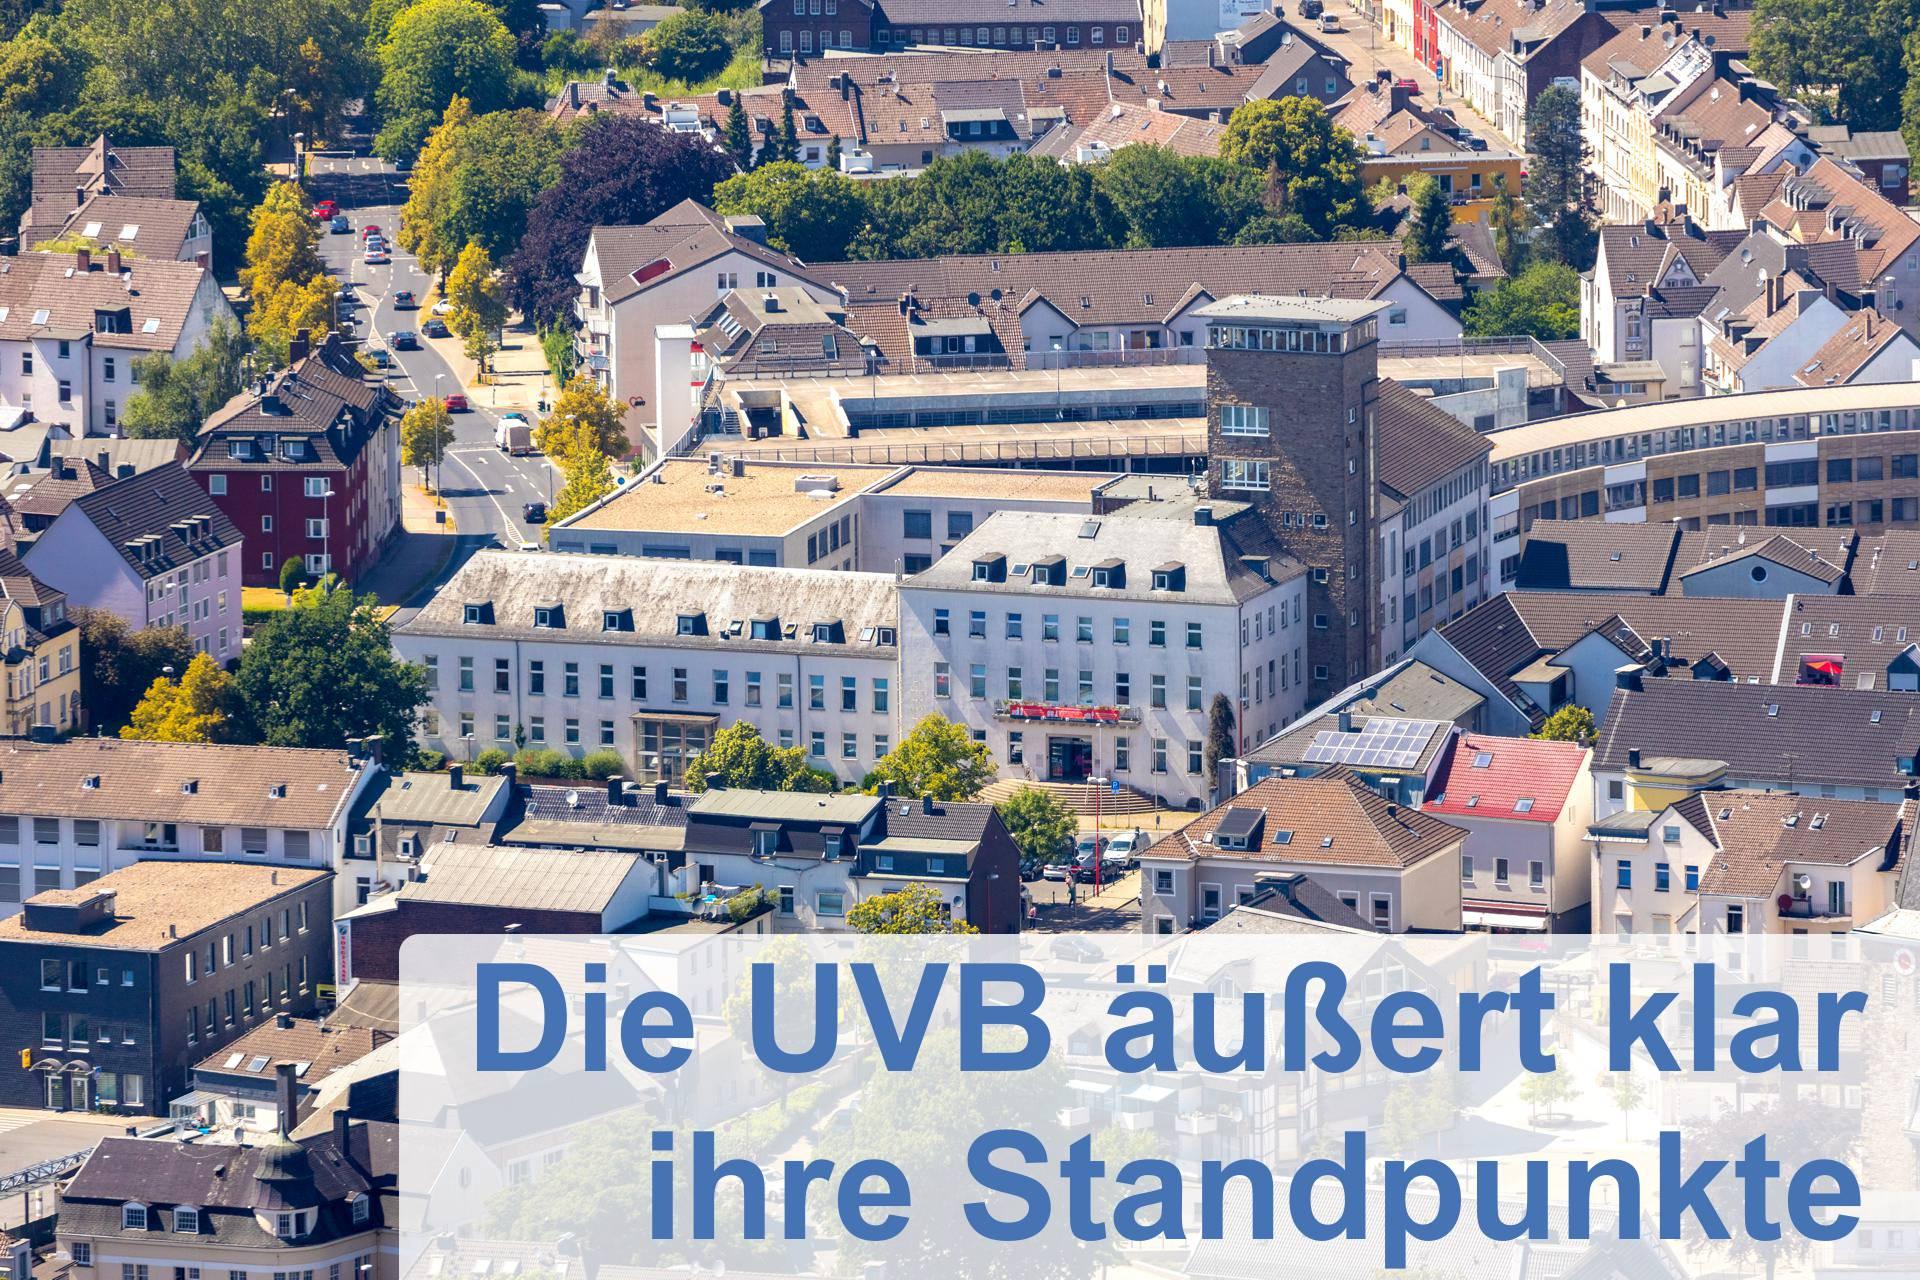 UVB äußert klar ihre Standpunkte